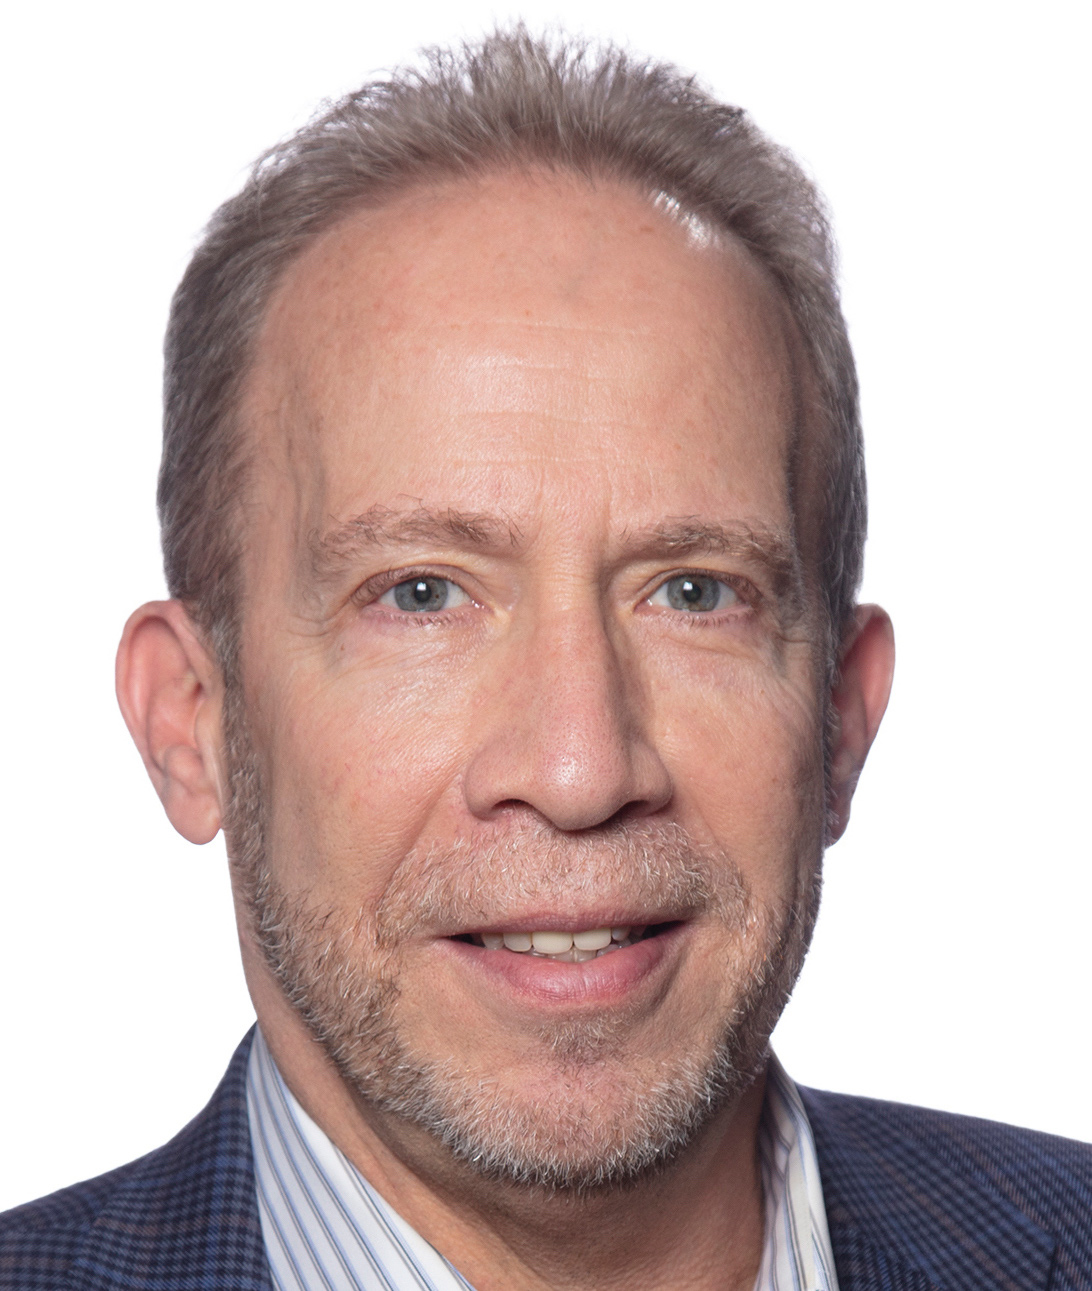 Dr. Allan Reiss